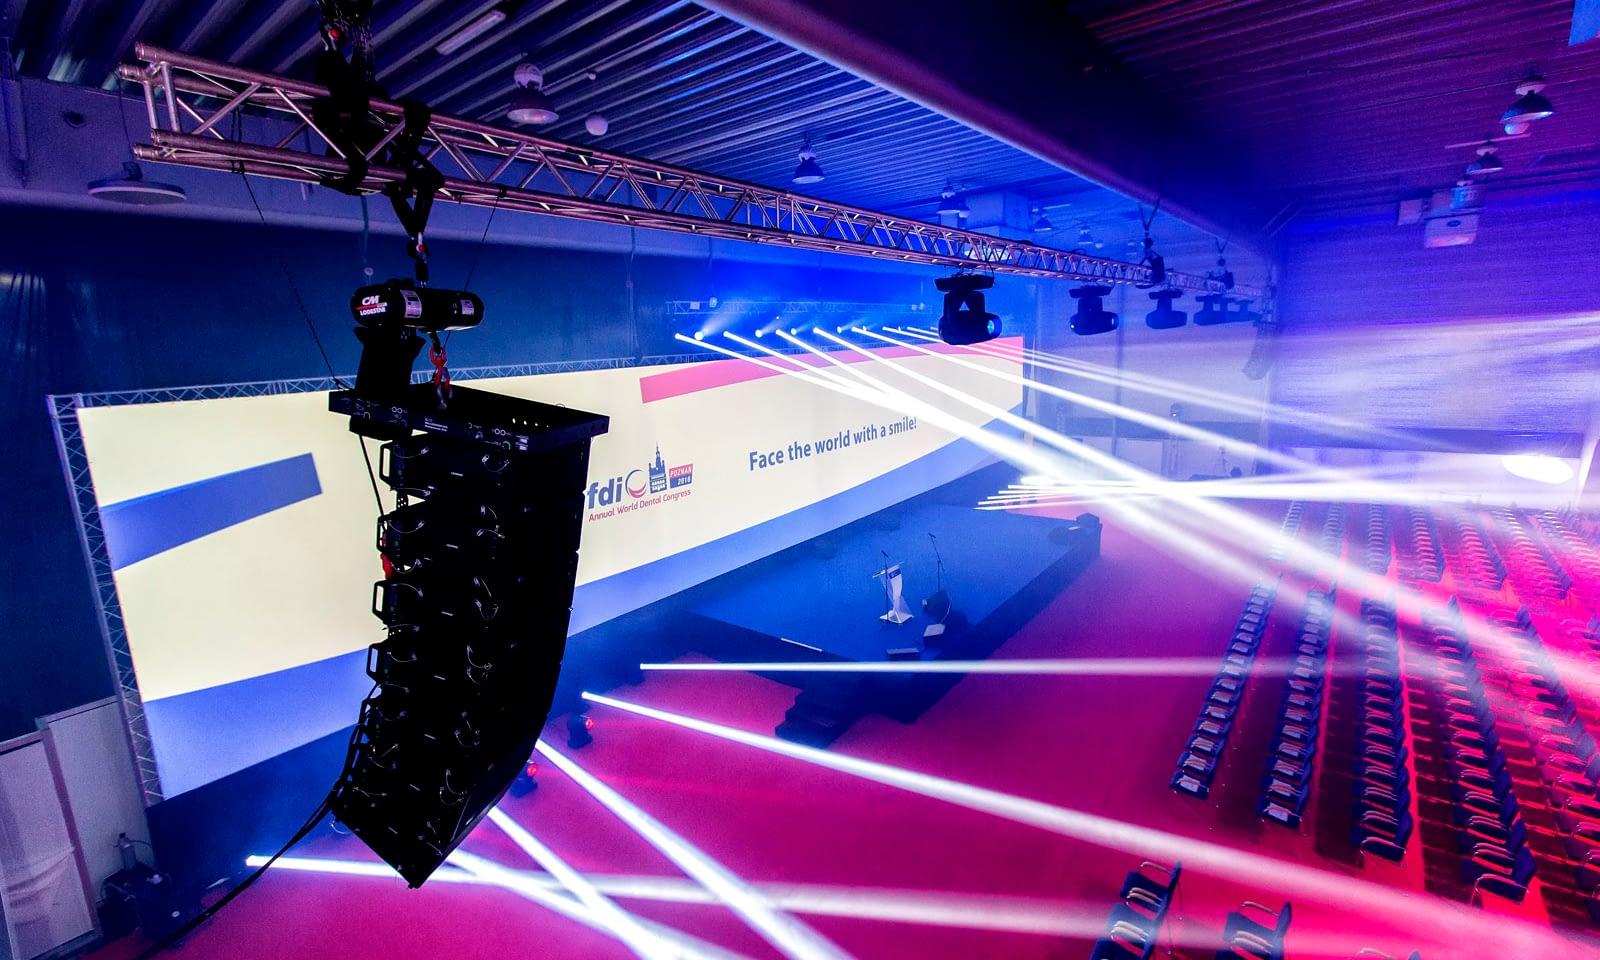 Doroczny Światowy Kongres Stomatologiczny FDI - realizacja Brill AV Media